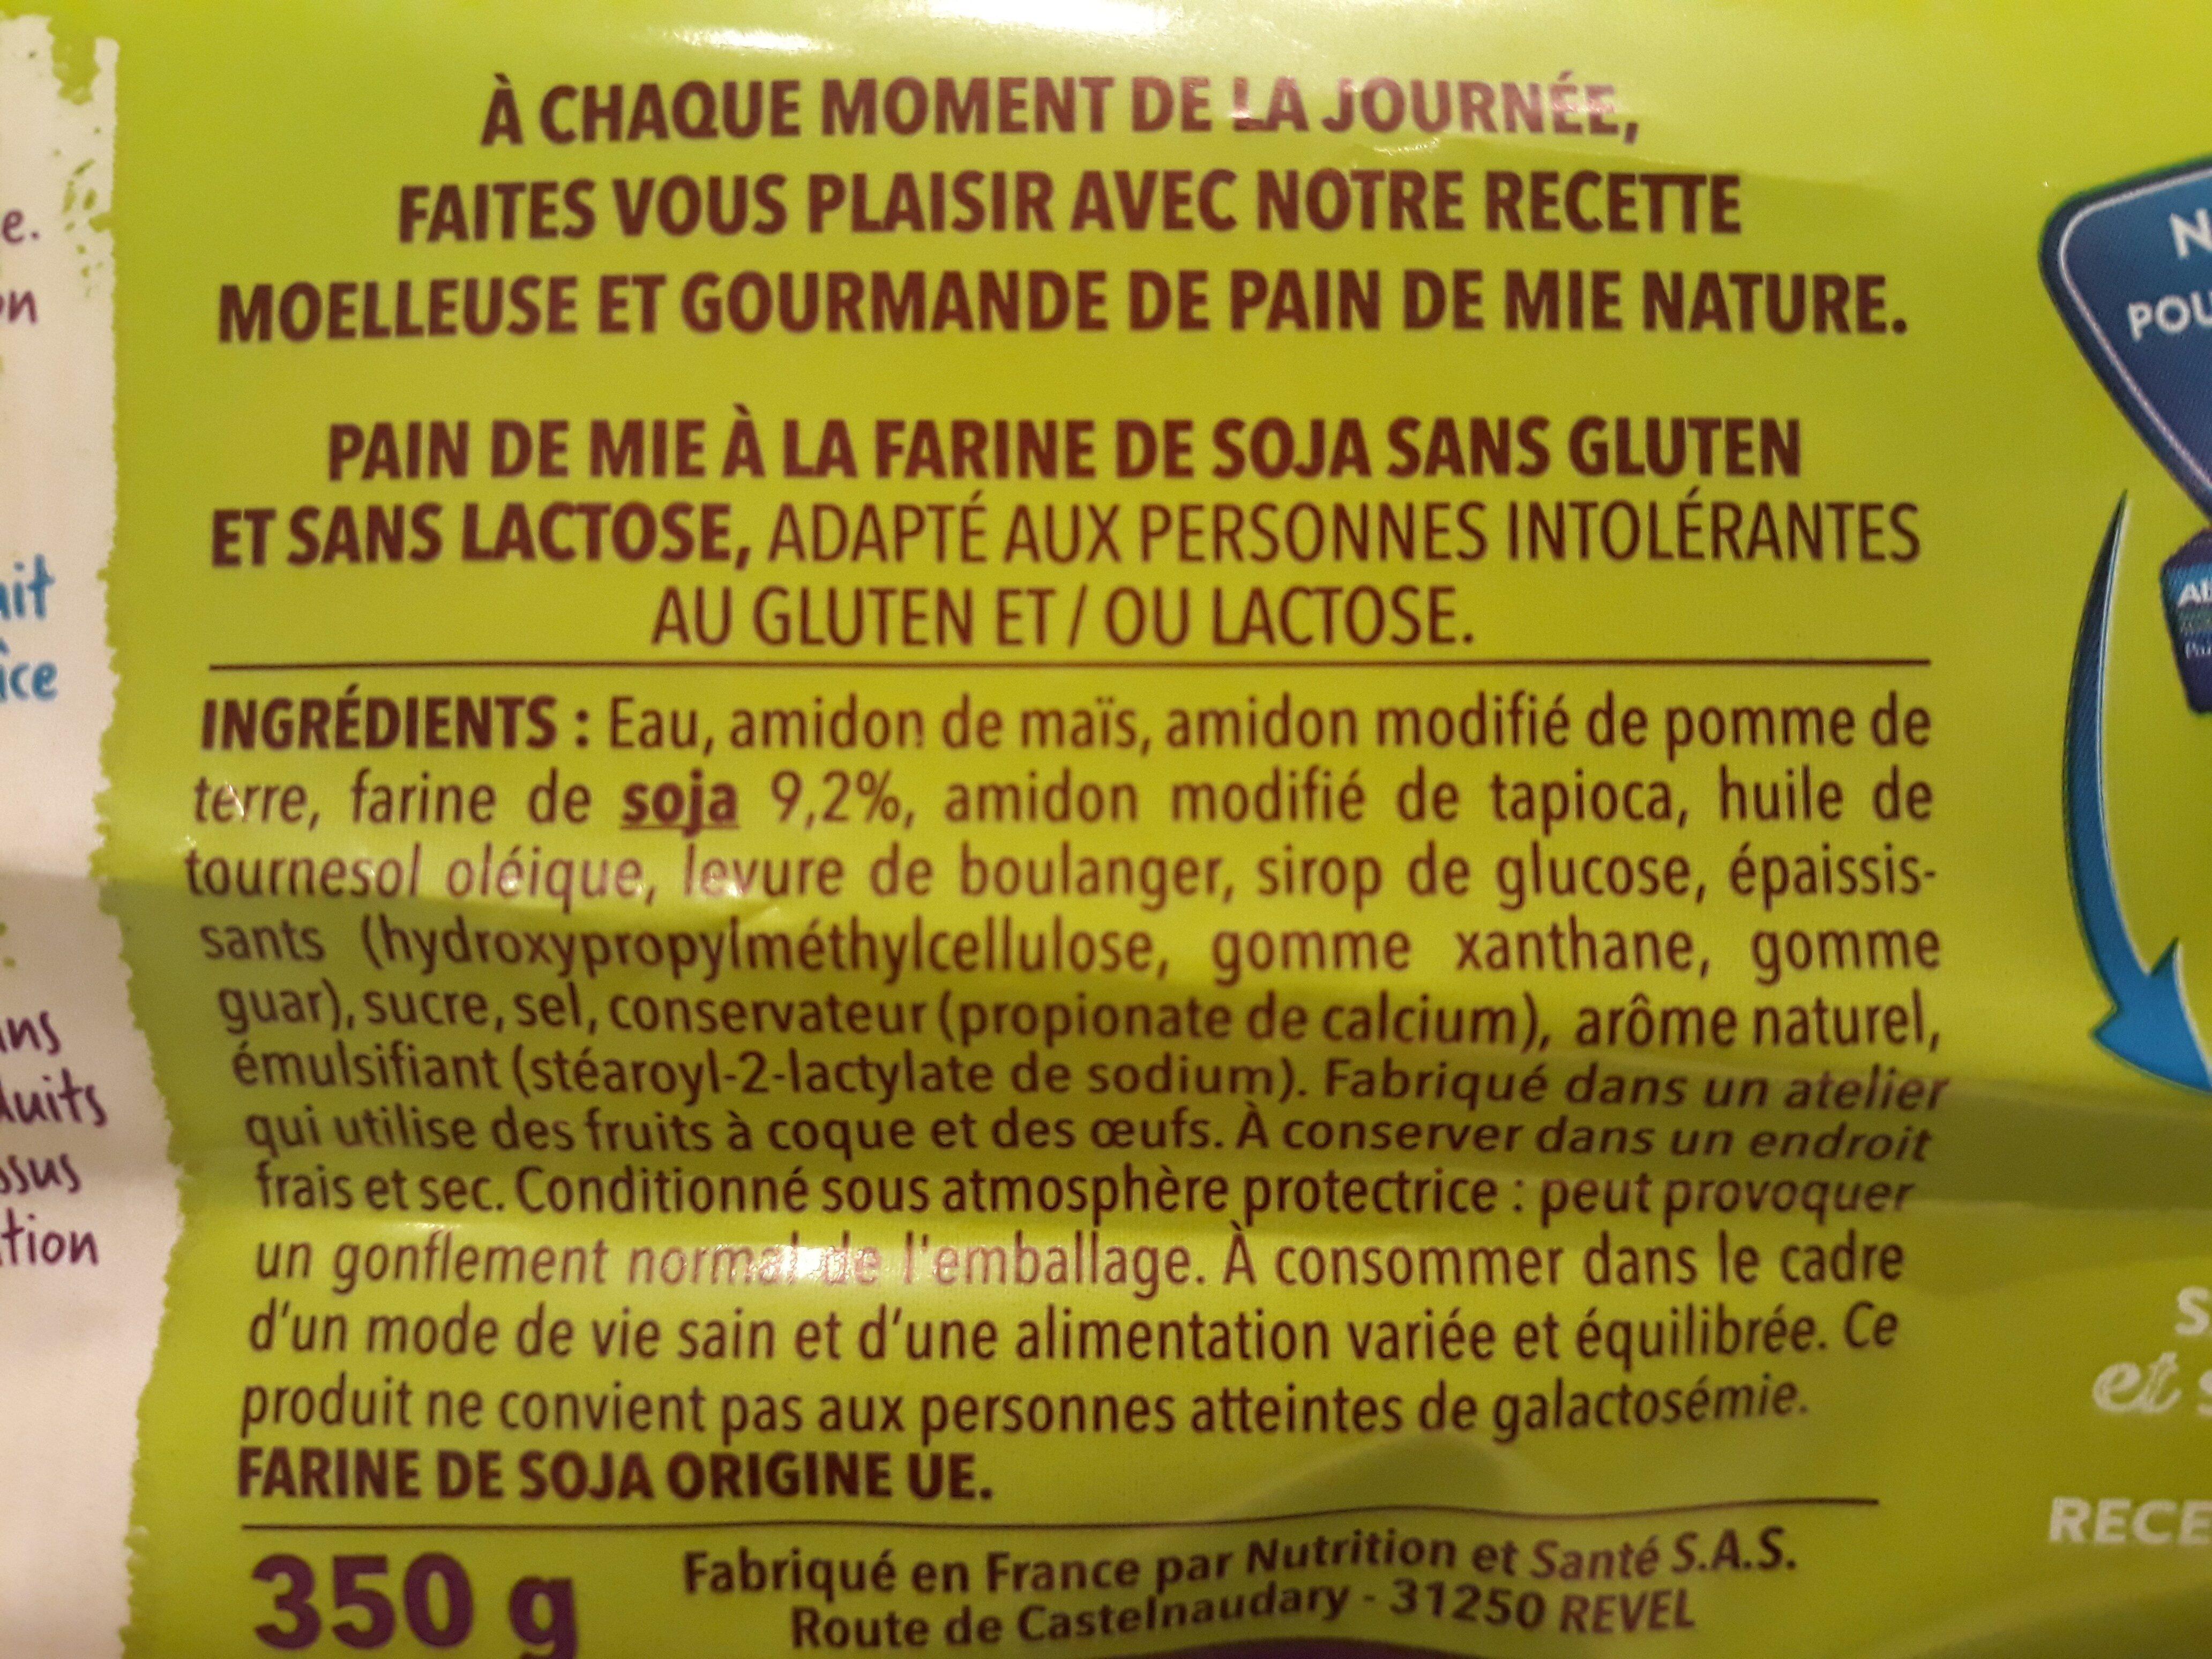 Pain de mie - Ingrédients - fr